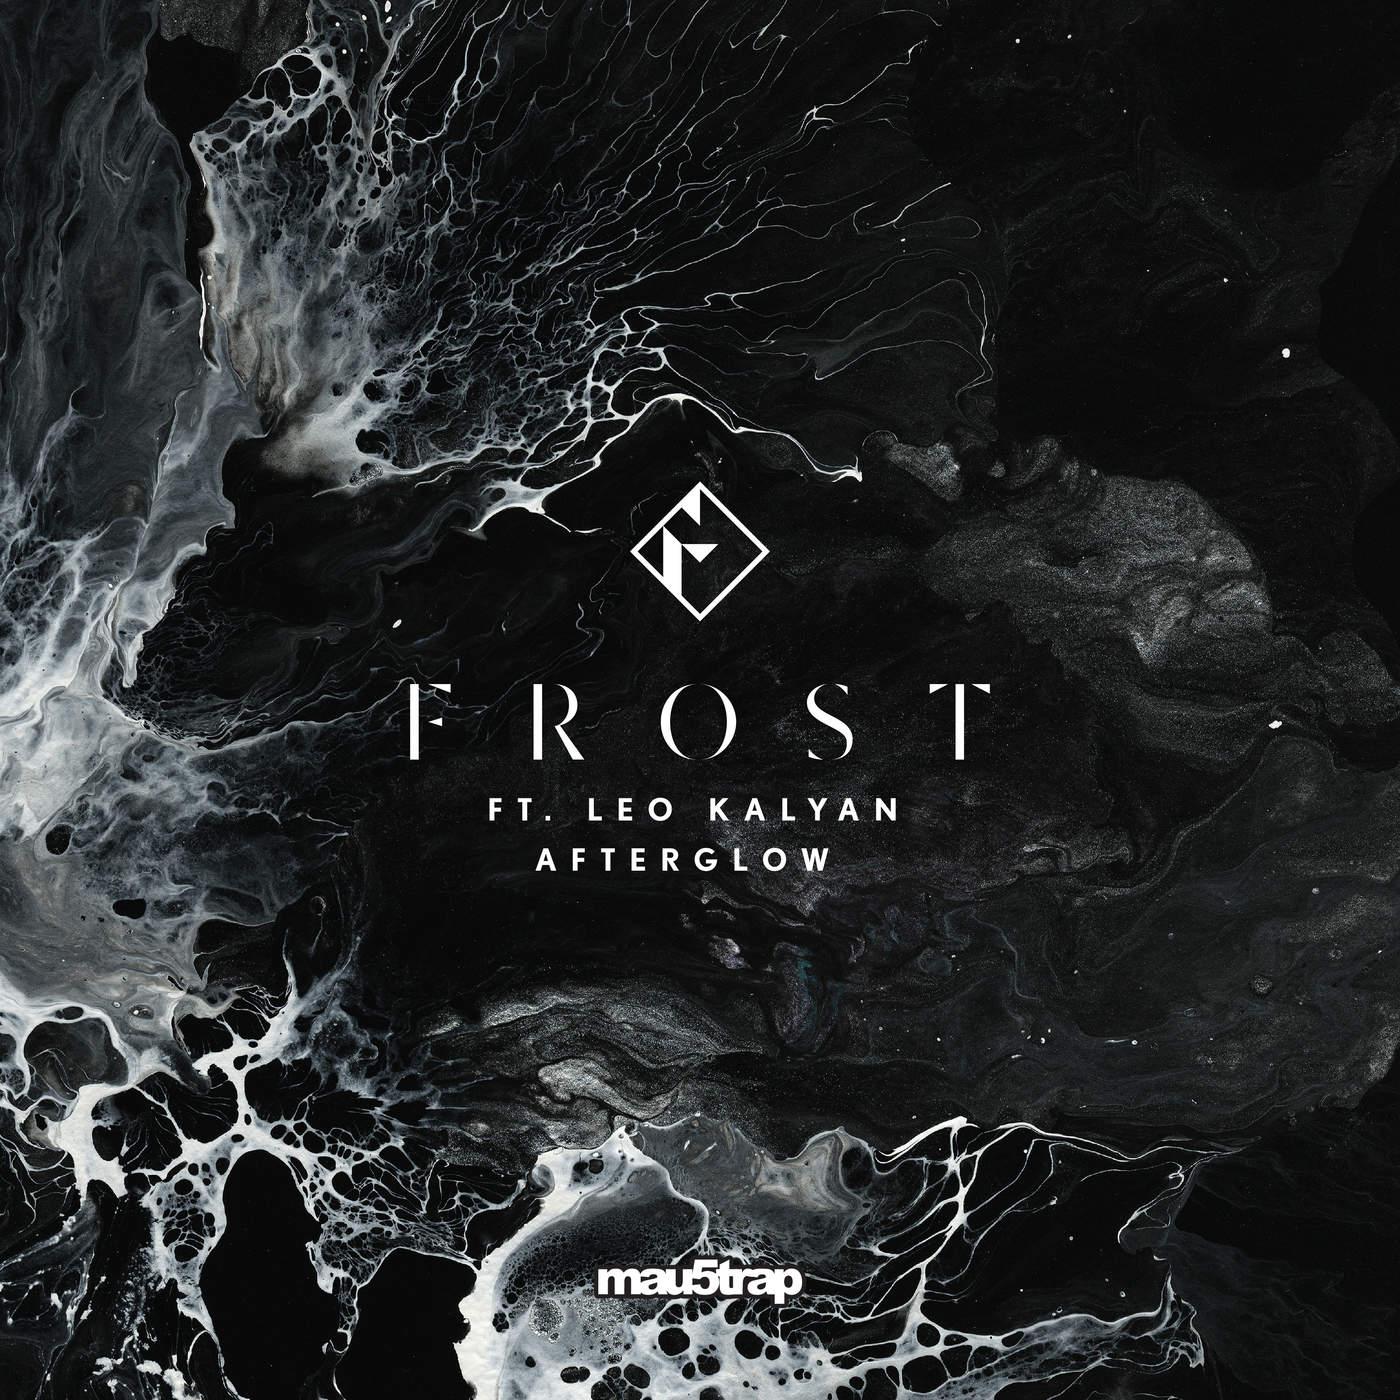 Frost - Afterglow (feat. Leo Kalyan) - Single